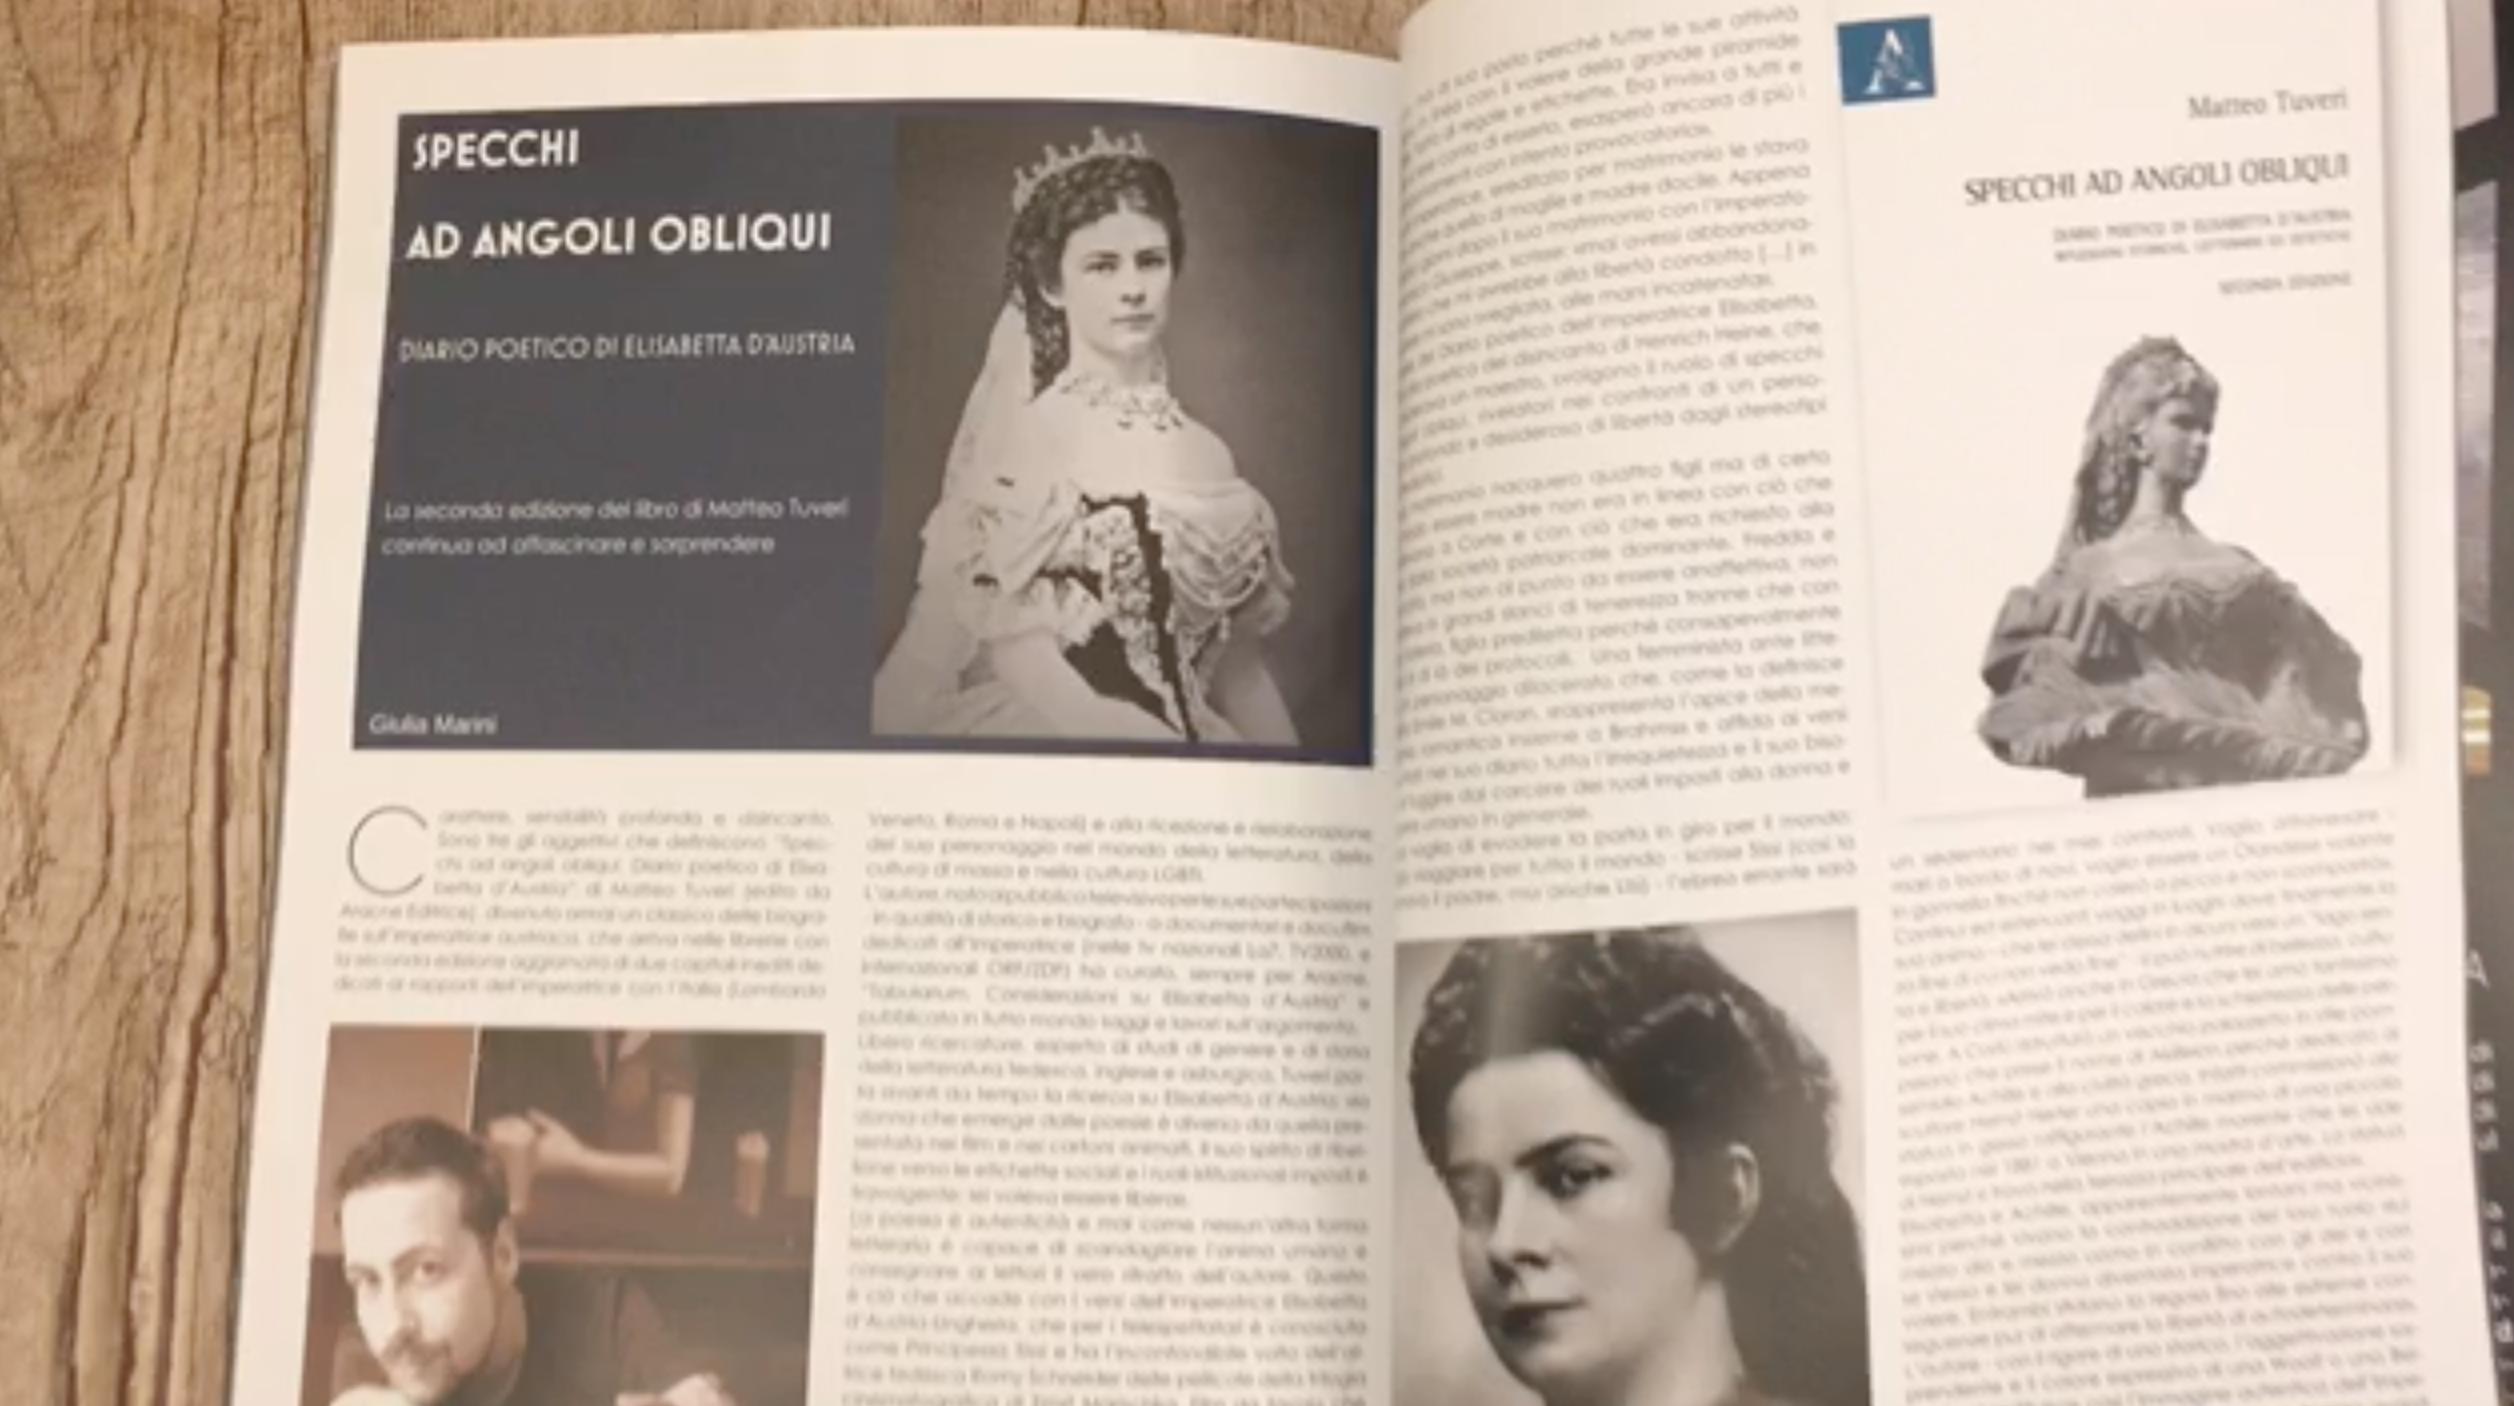 Specchi ad angoli obliqui. Diario poetico di Elisabetta d'Austria. Recensione su Eudonna Magazine.